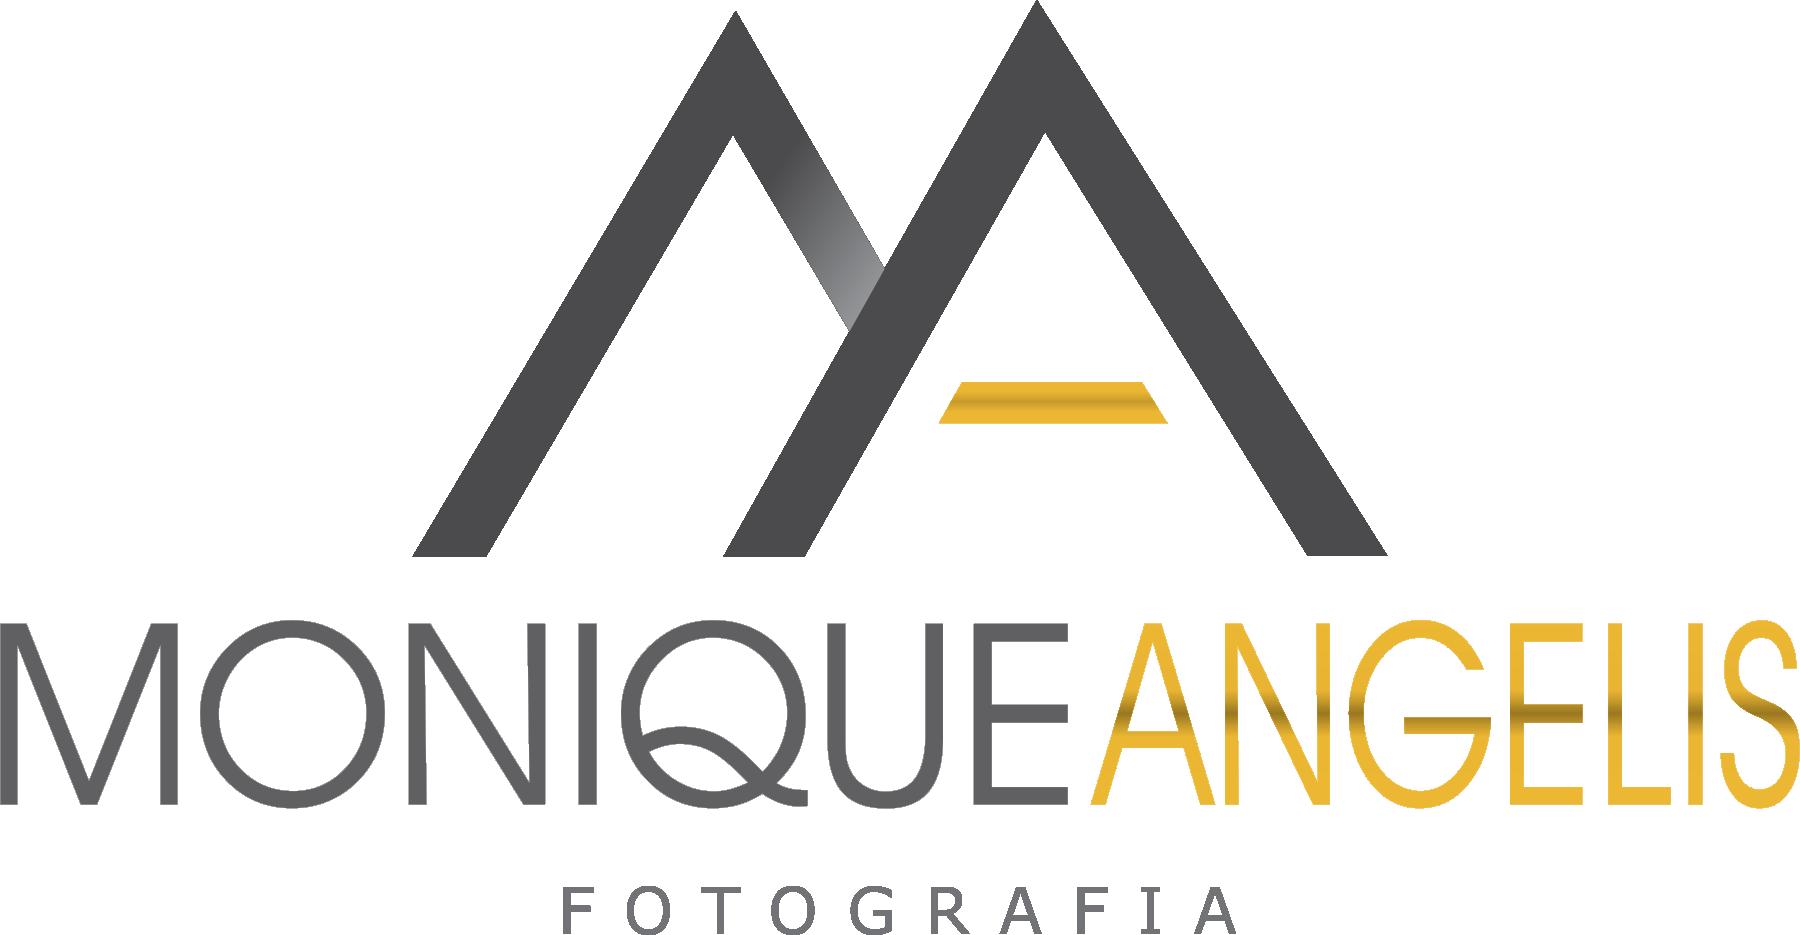 Logotipo de Monique Angelis - Fotógrafa de Casamentos